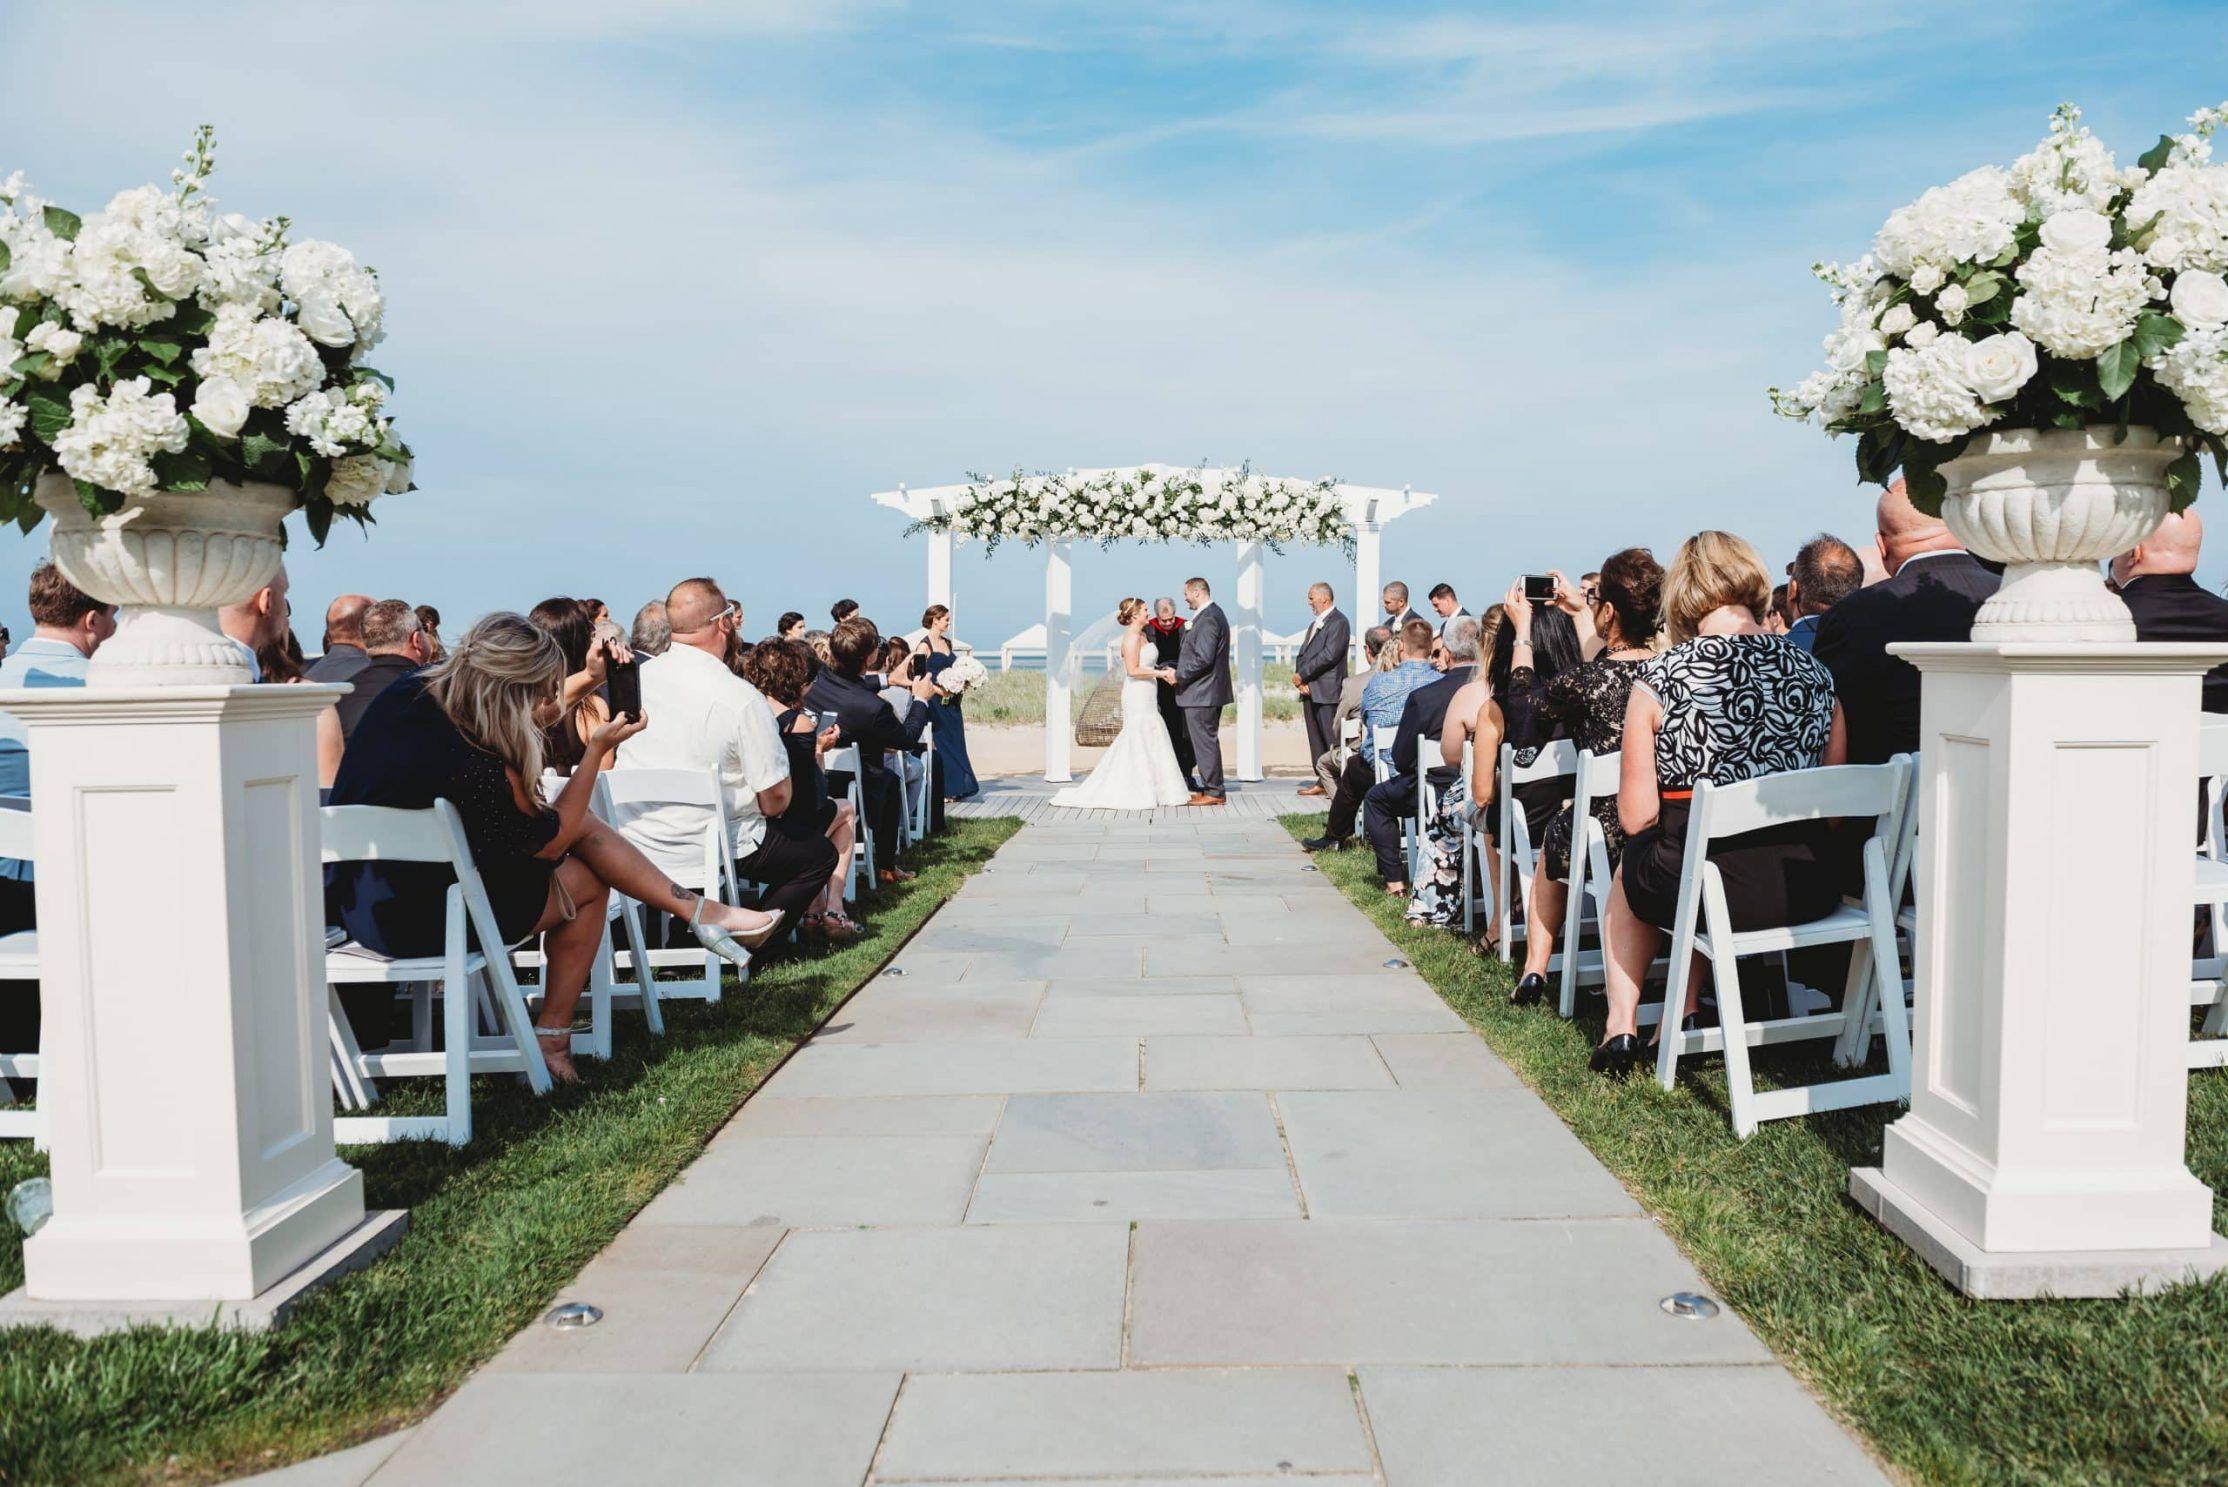 7 Best Cape Cod Wedding Venues Cape Cod Wedding Ideas Cape Cod Wedding Photographer In 2020 Cape Cod Beach Wedding Waterfront Wedding Venue Cape Cod Wedding Venues